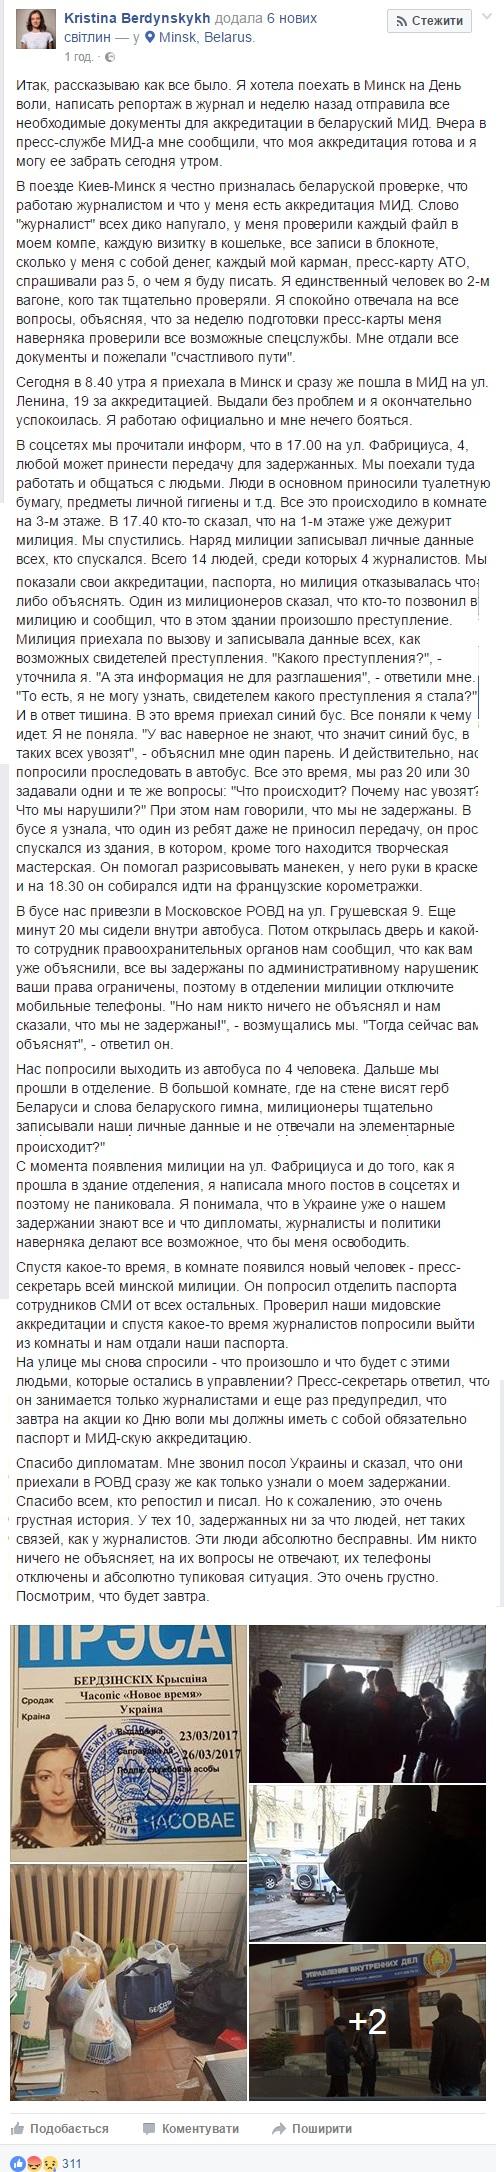 Хорватия — Украина: прогноз на матч 24.03.2017